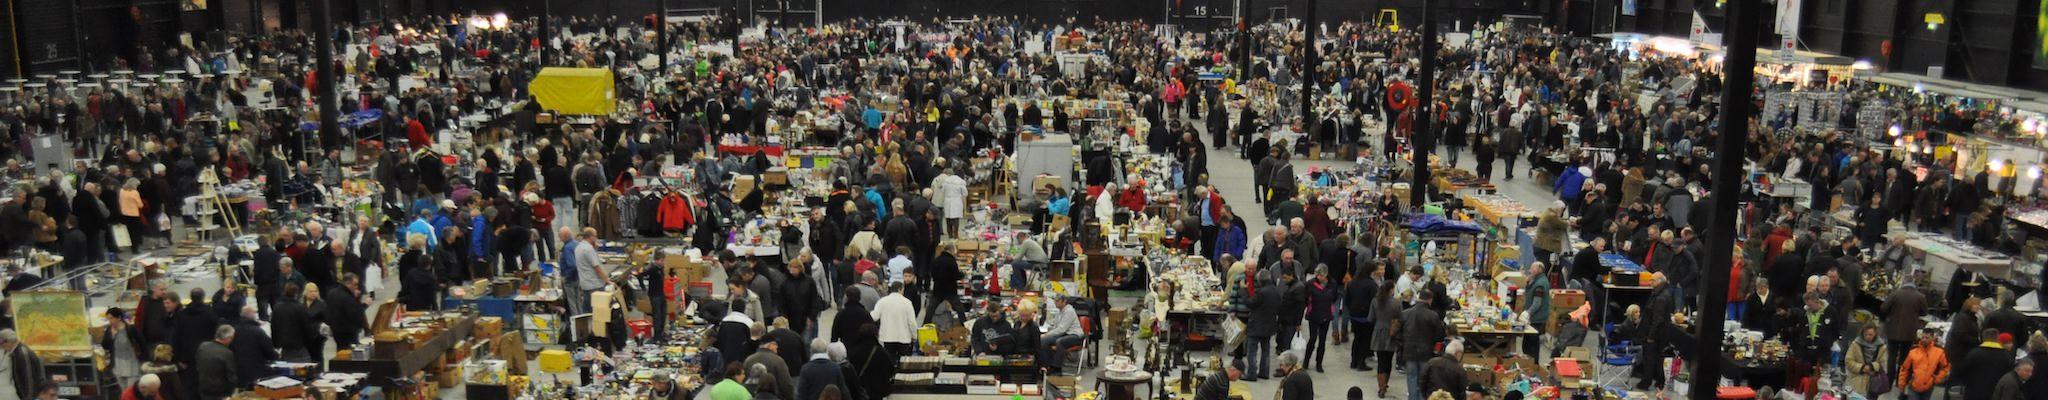 Groningen - Eelde - Flohmarkt